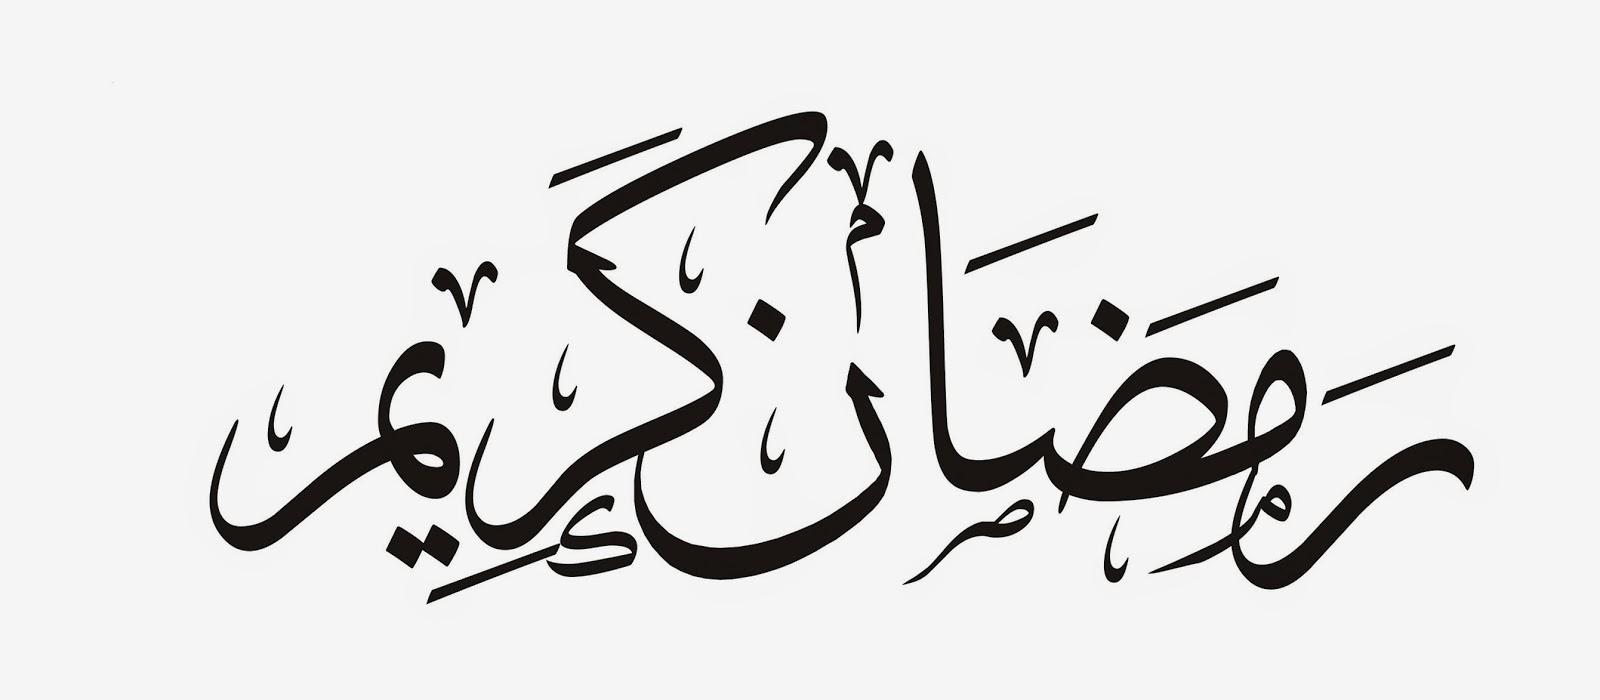 Islamic clipart ramadan mubarak - ClipartFox - Ramadan HD PNG